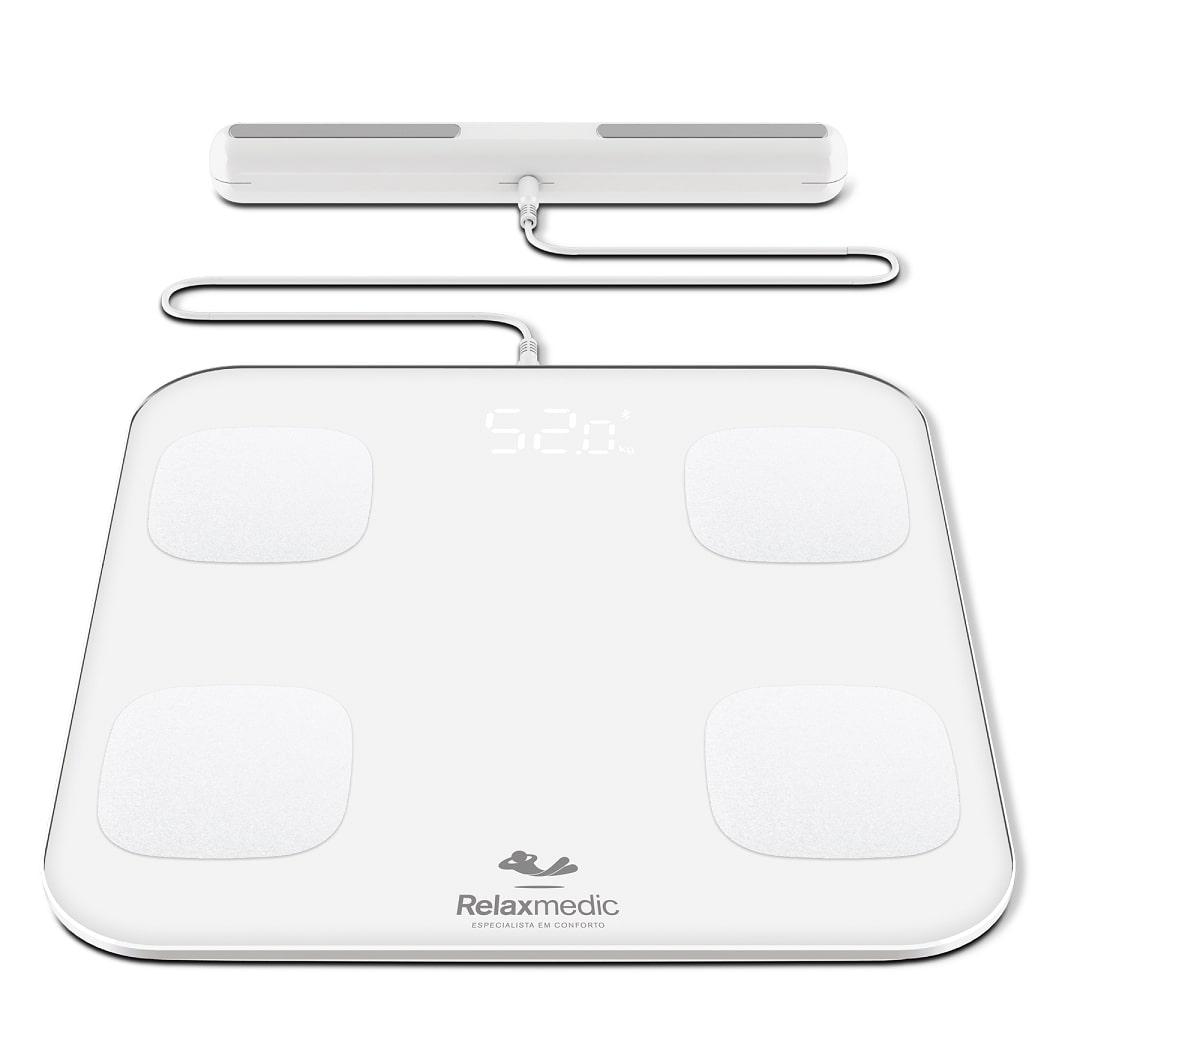 Balança de Bioimpedância Digital App Relaxmedic